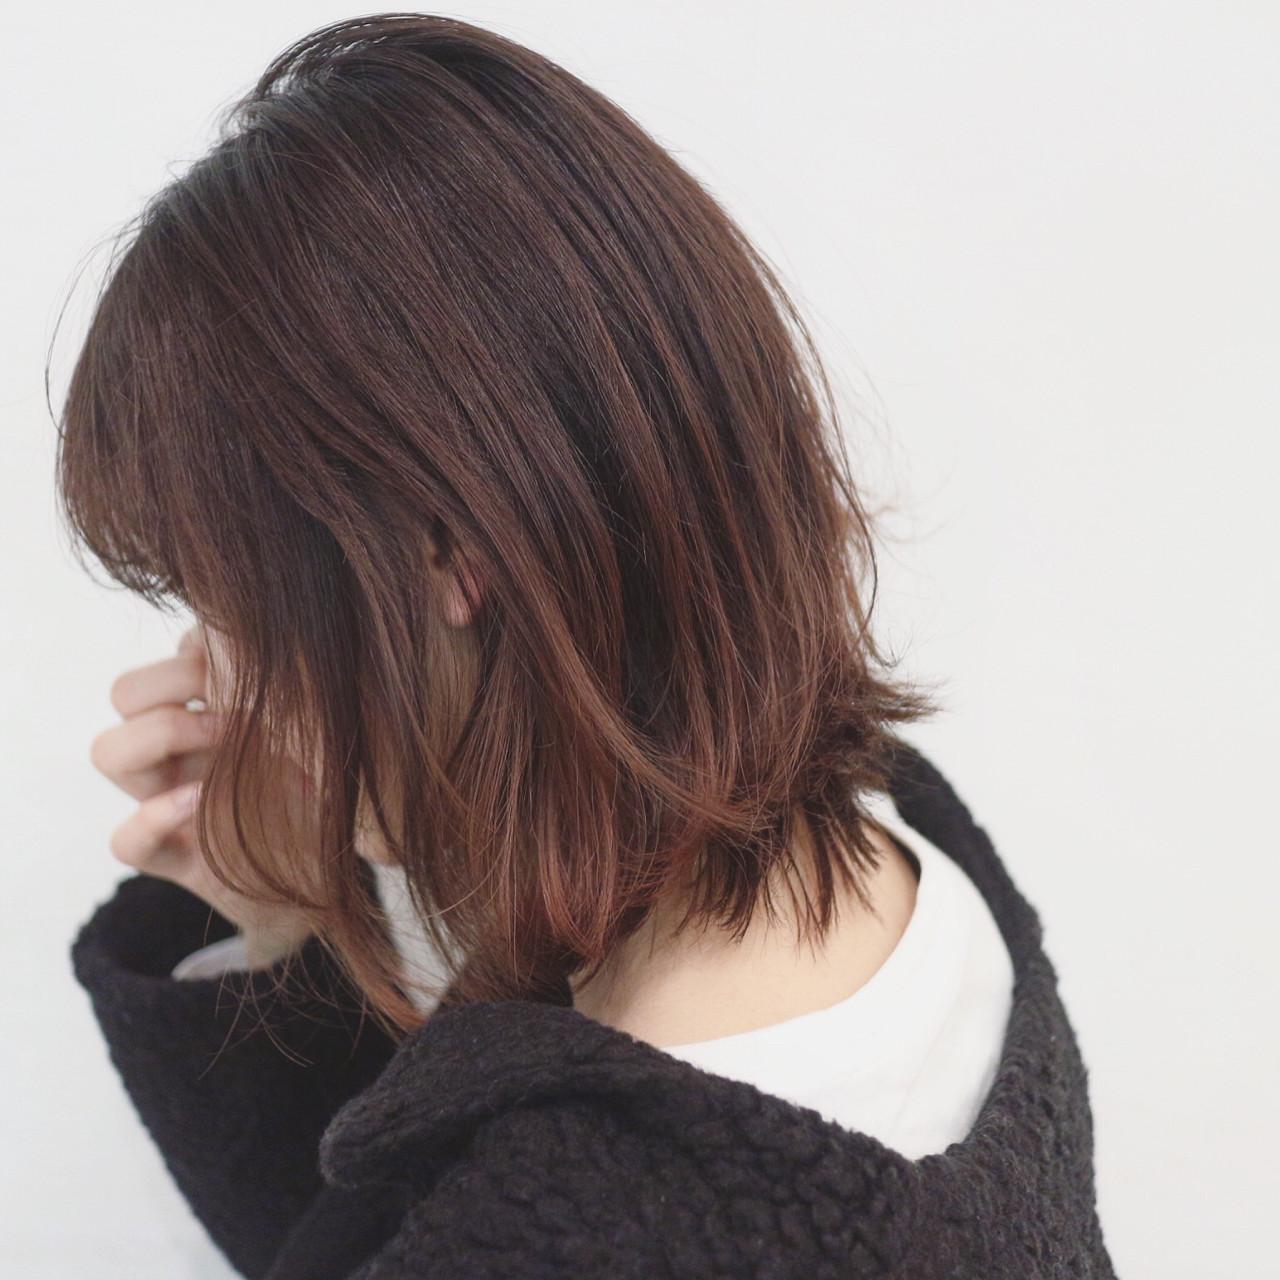 グラデーションカラー ボブ デート アウトドア ヘアスタイルや髪型の写真・画像